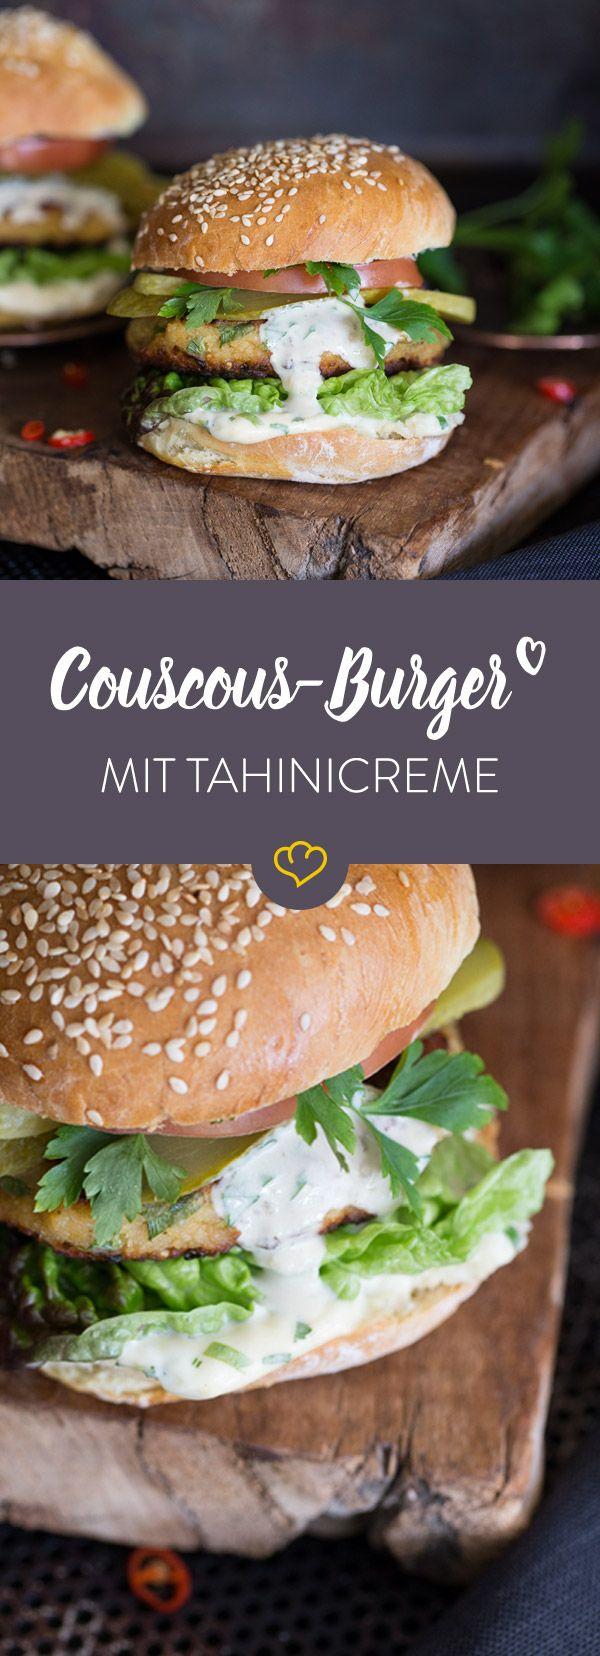 Couscous Burger Mit Tahinicreme Rezept Lautern Rezepte